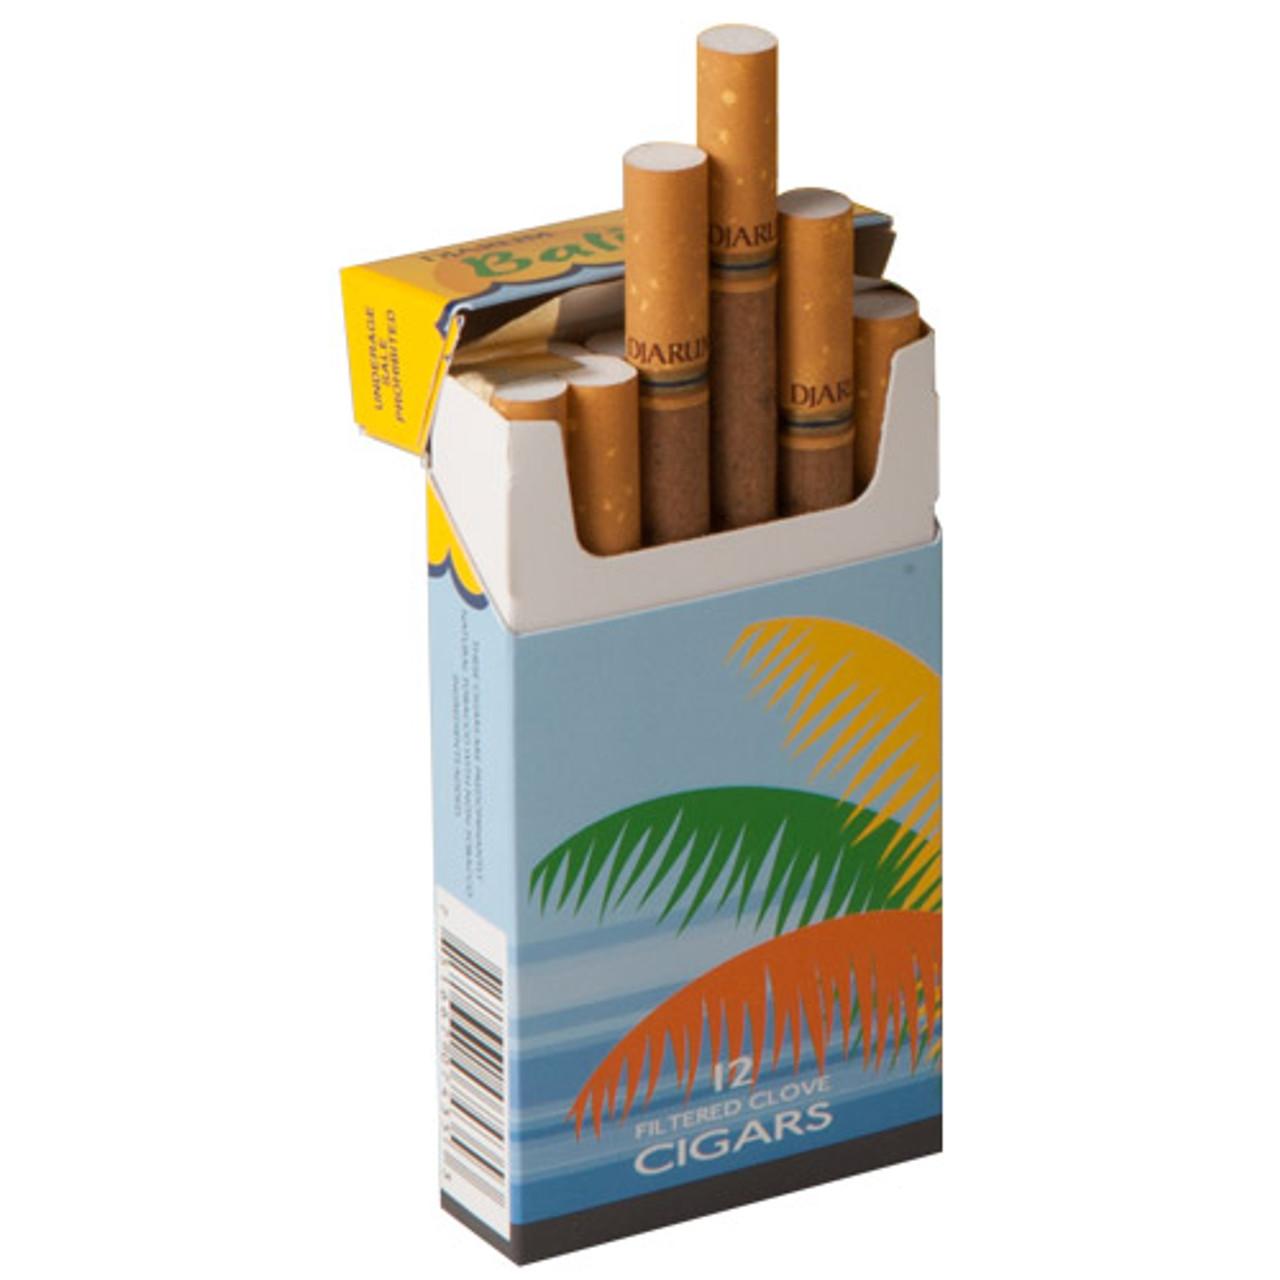 Djarum Filtered - Bali Hai Cigars (10 Packs of 12) - Natural